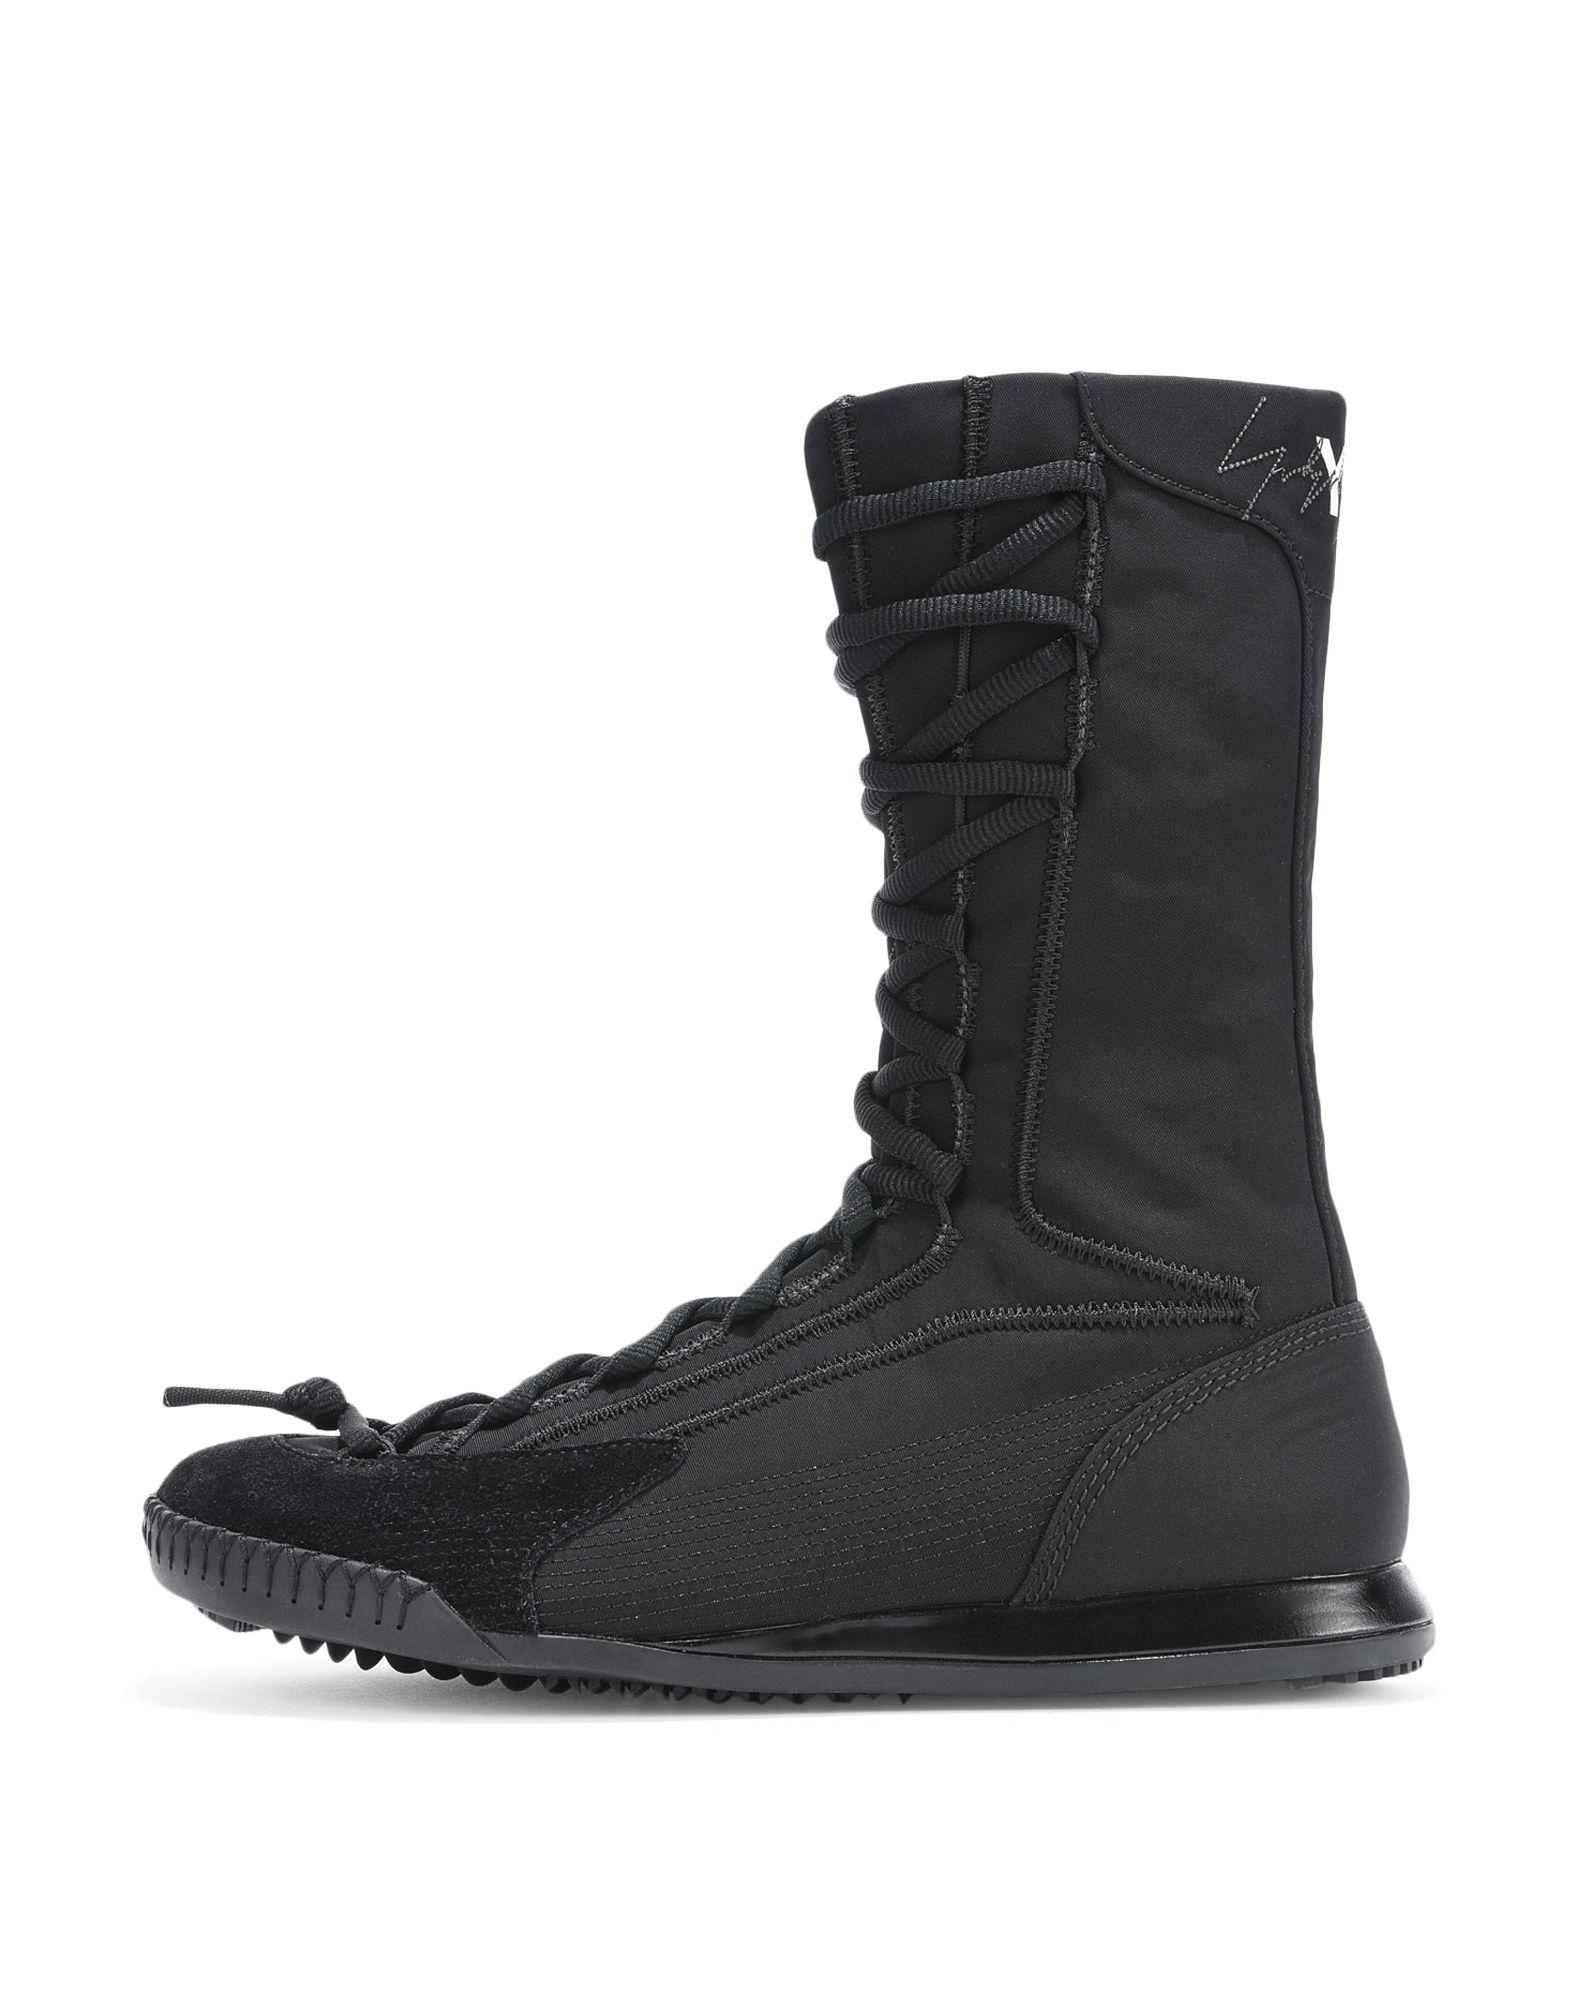 Y-3 Y-3 Yuuki High-top sneakers Woman f